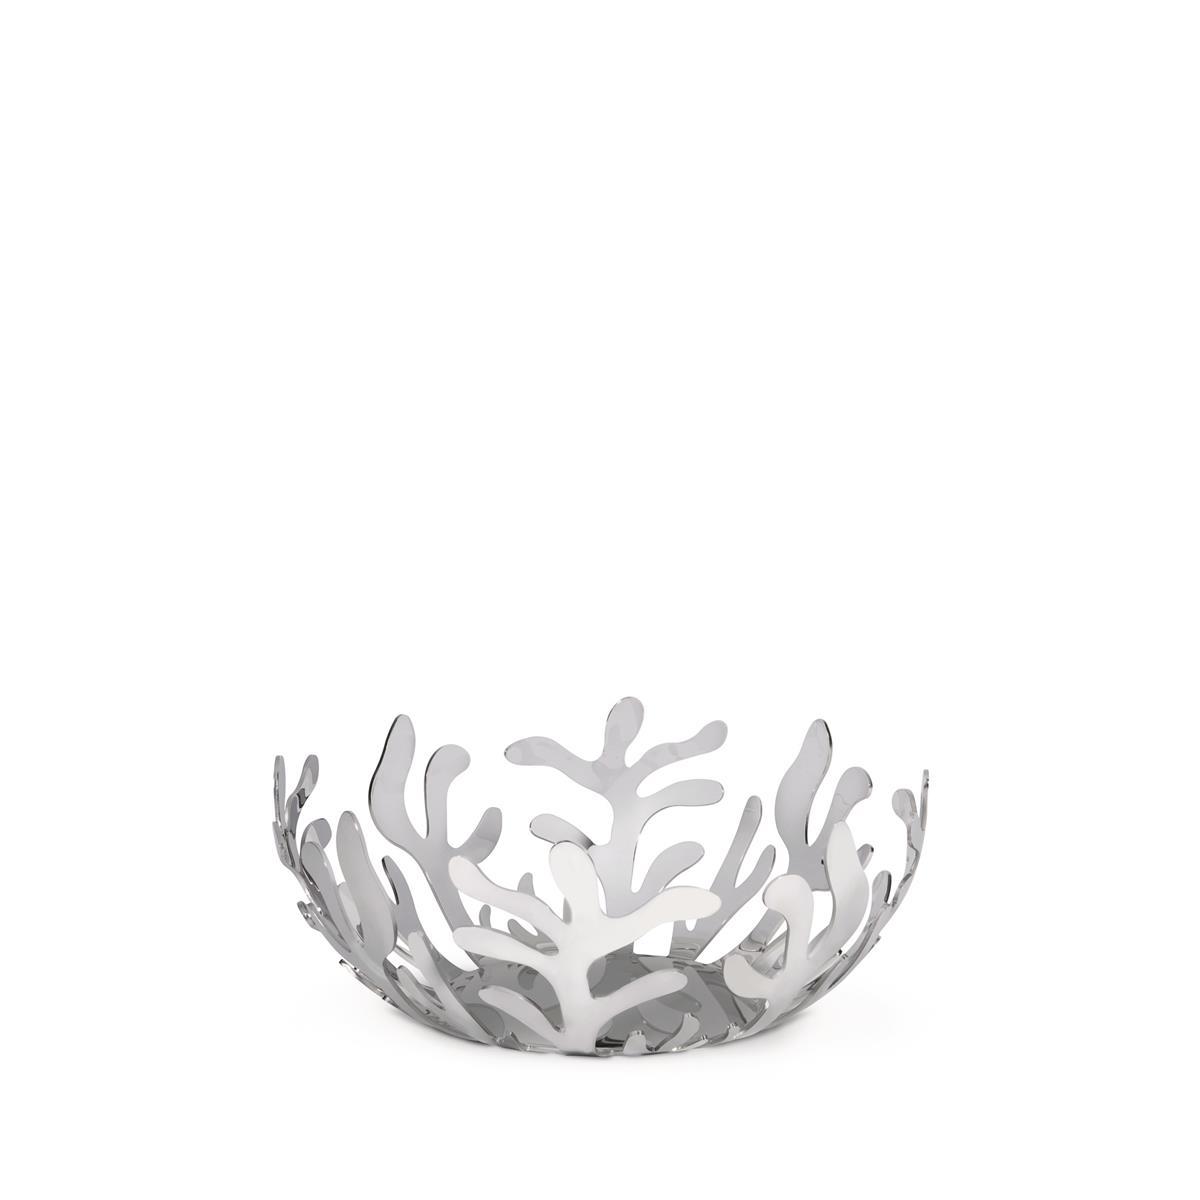 Alessi-Mediterraneo Fruttiera in acciaio inox 18/10